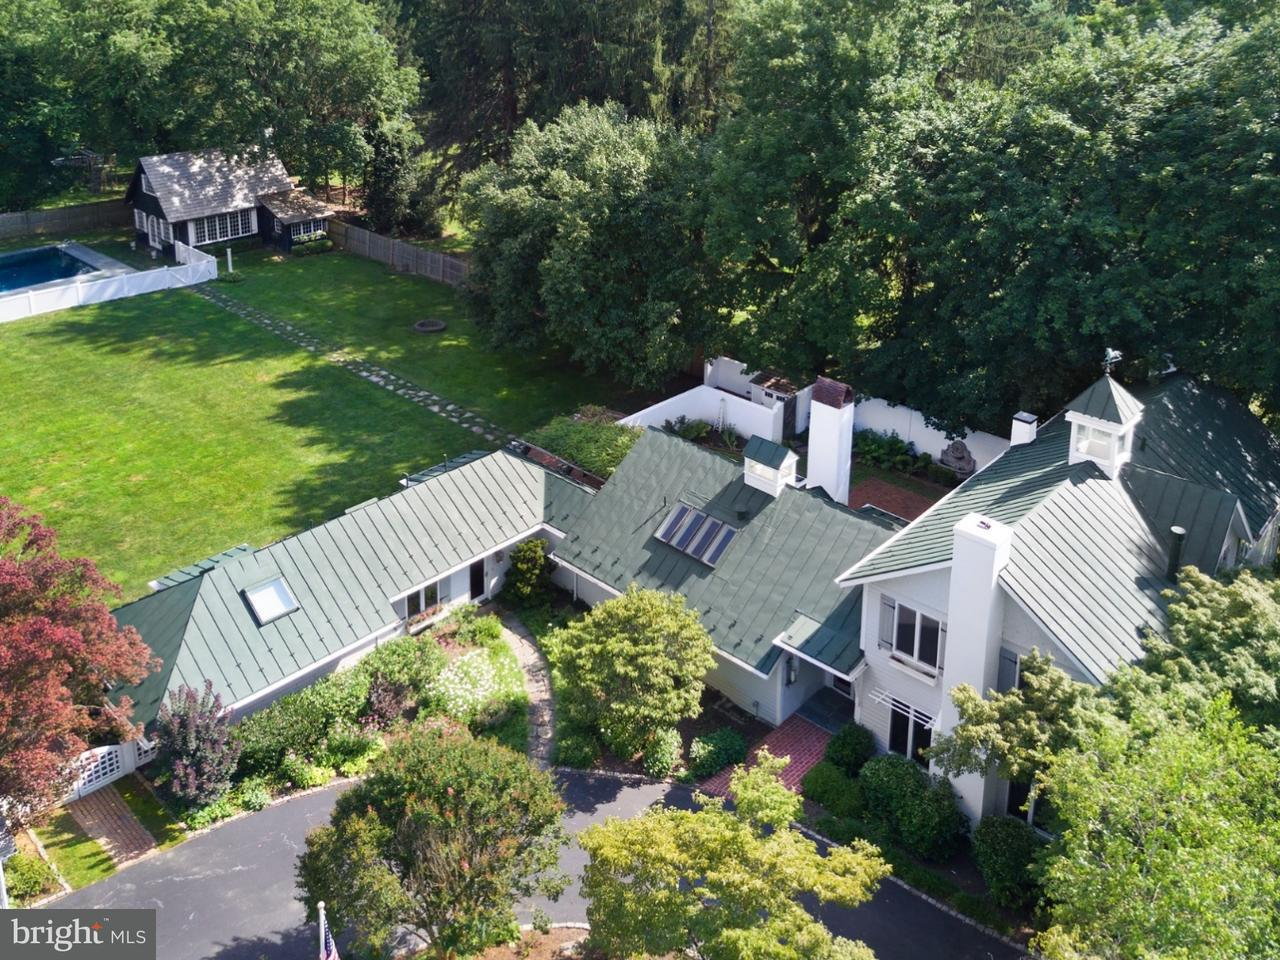 Частный односемейный дом для того Продажа на 206 SUGARTOWN Road Devon, Пенсильвания 19333 Соединенные Штаты